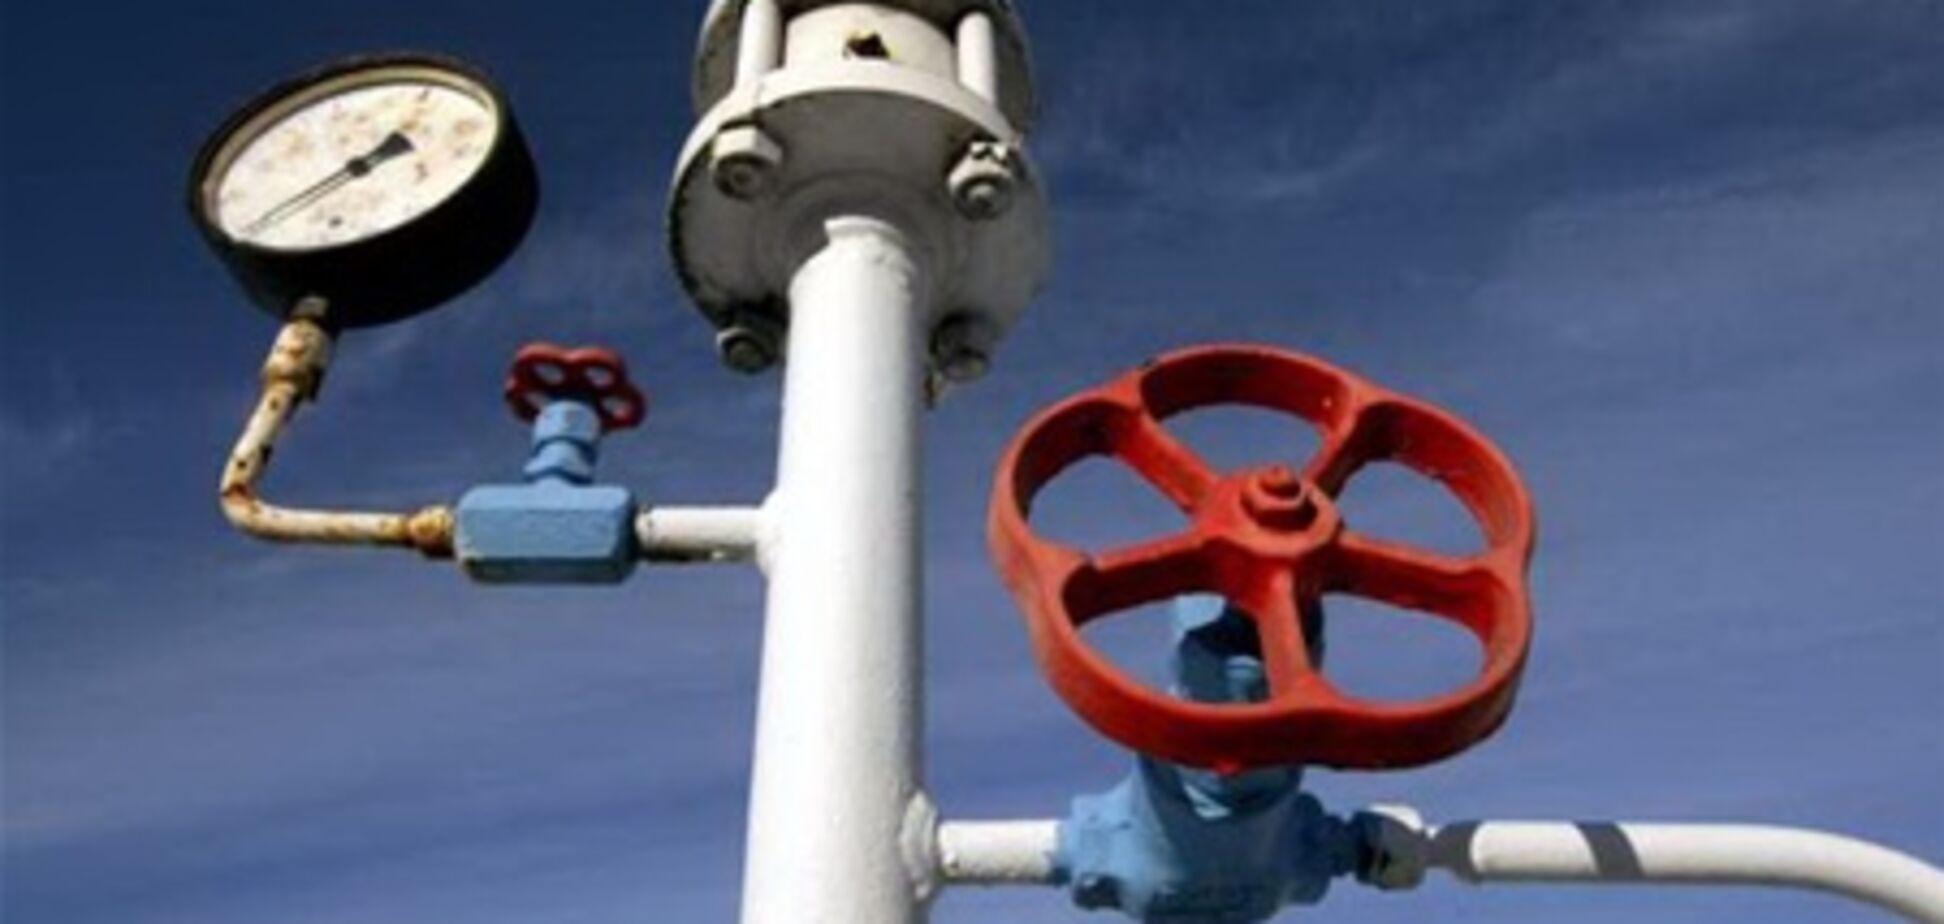 Російський газ подорожчав для України до $ 416 - джерело